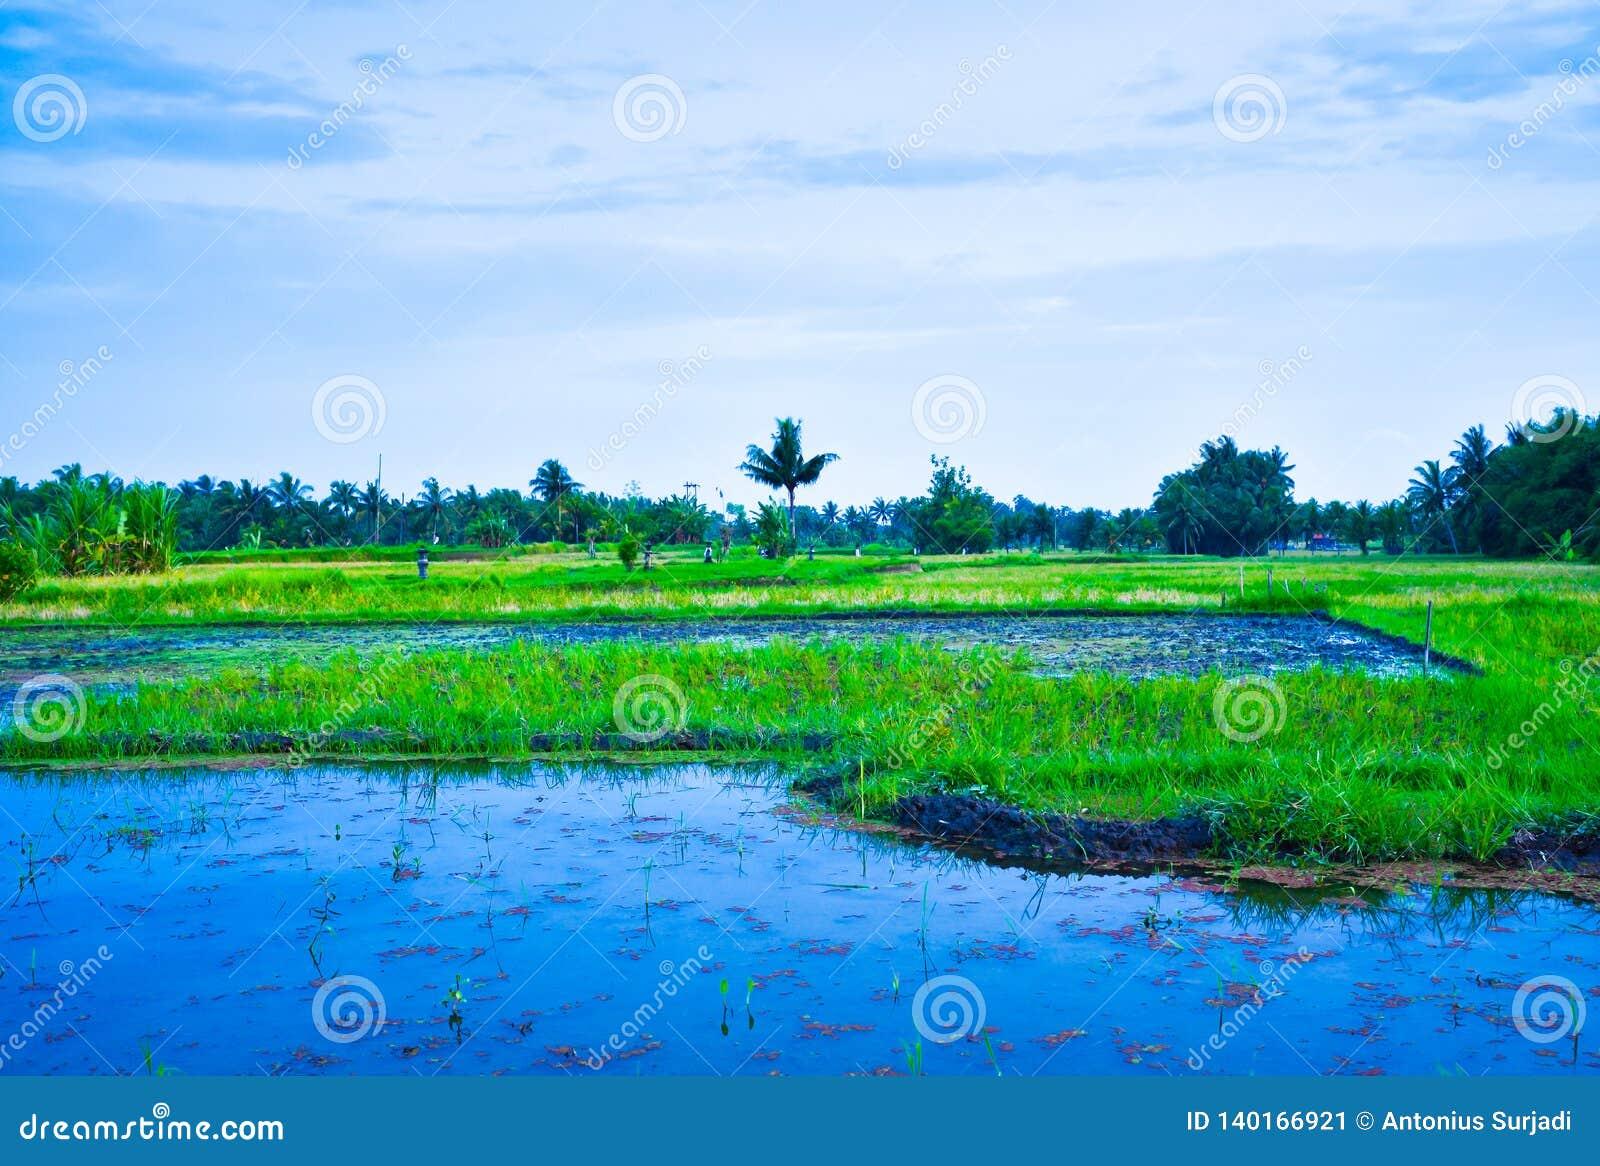 Πολύβλαστος πράσινος τομέας πεζουλιών ρυζιού με άρδευση νερού στο νοτιοανατολικό ασιατικό μπλε ηλιοβασίλεμα